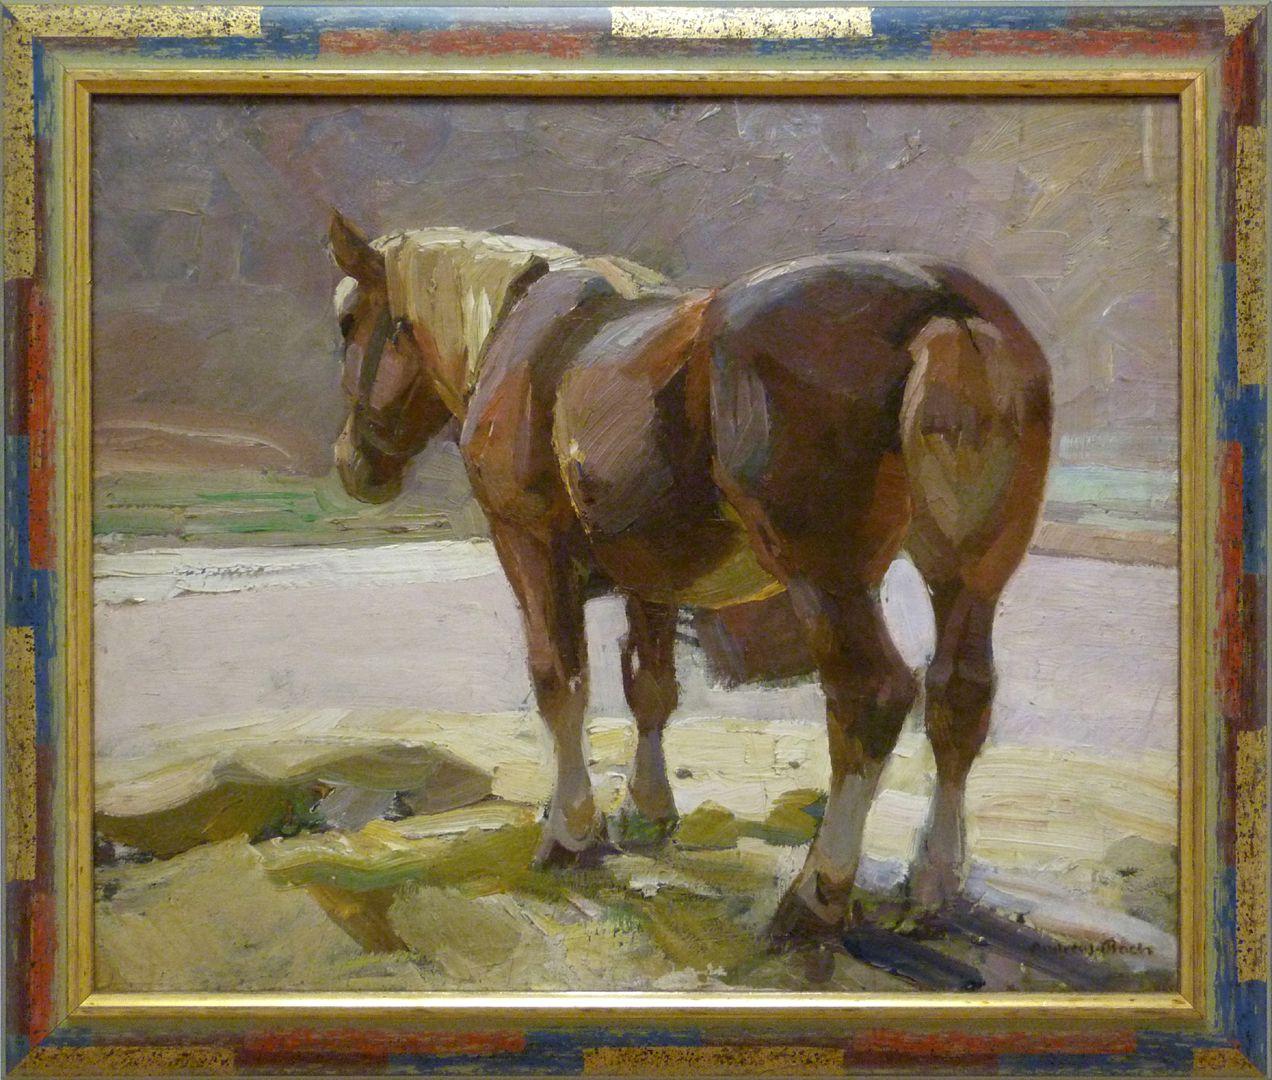 Ruhendes Pferd